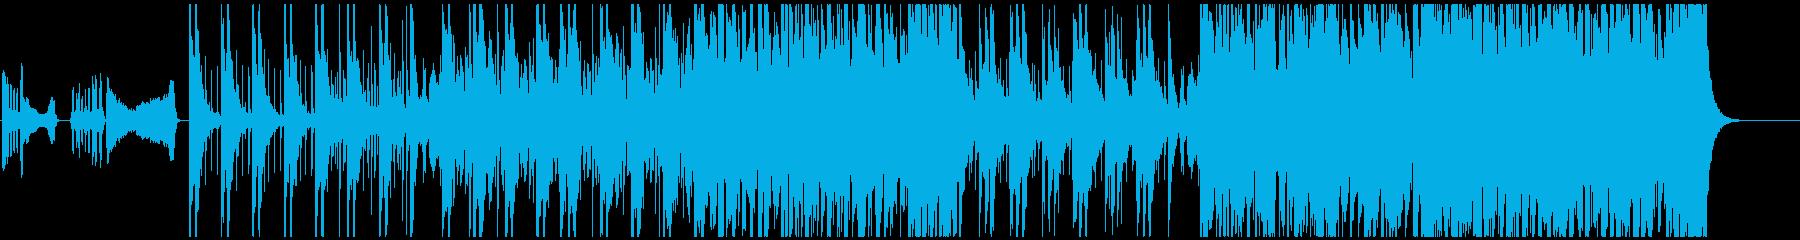 アコーディオンの妖艶なタンゴの再生済みの波形